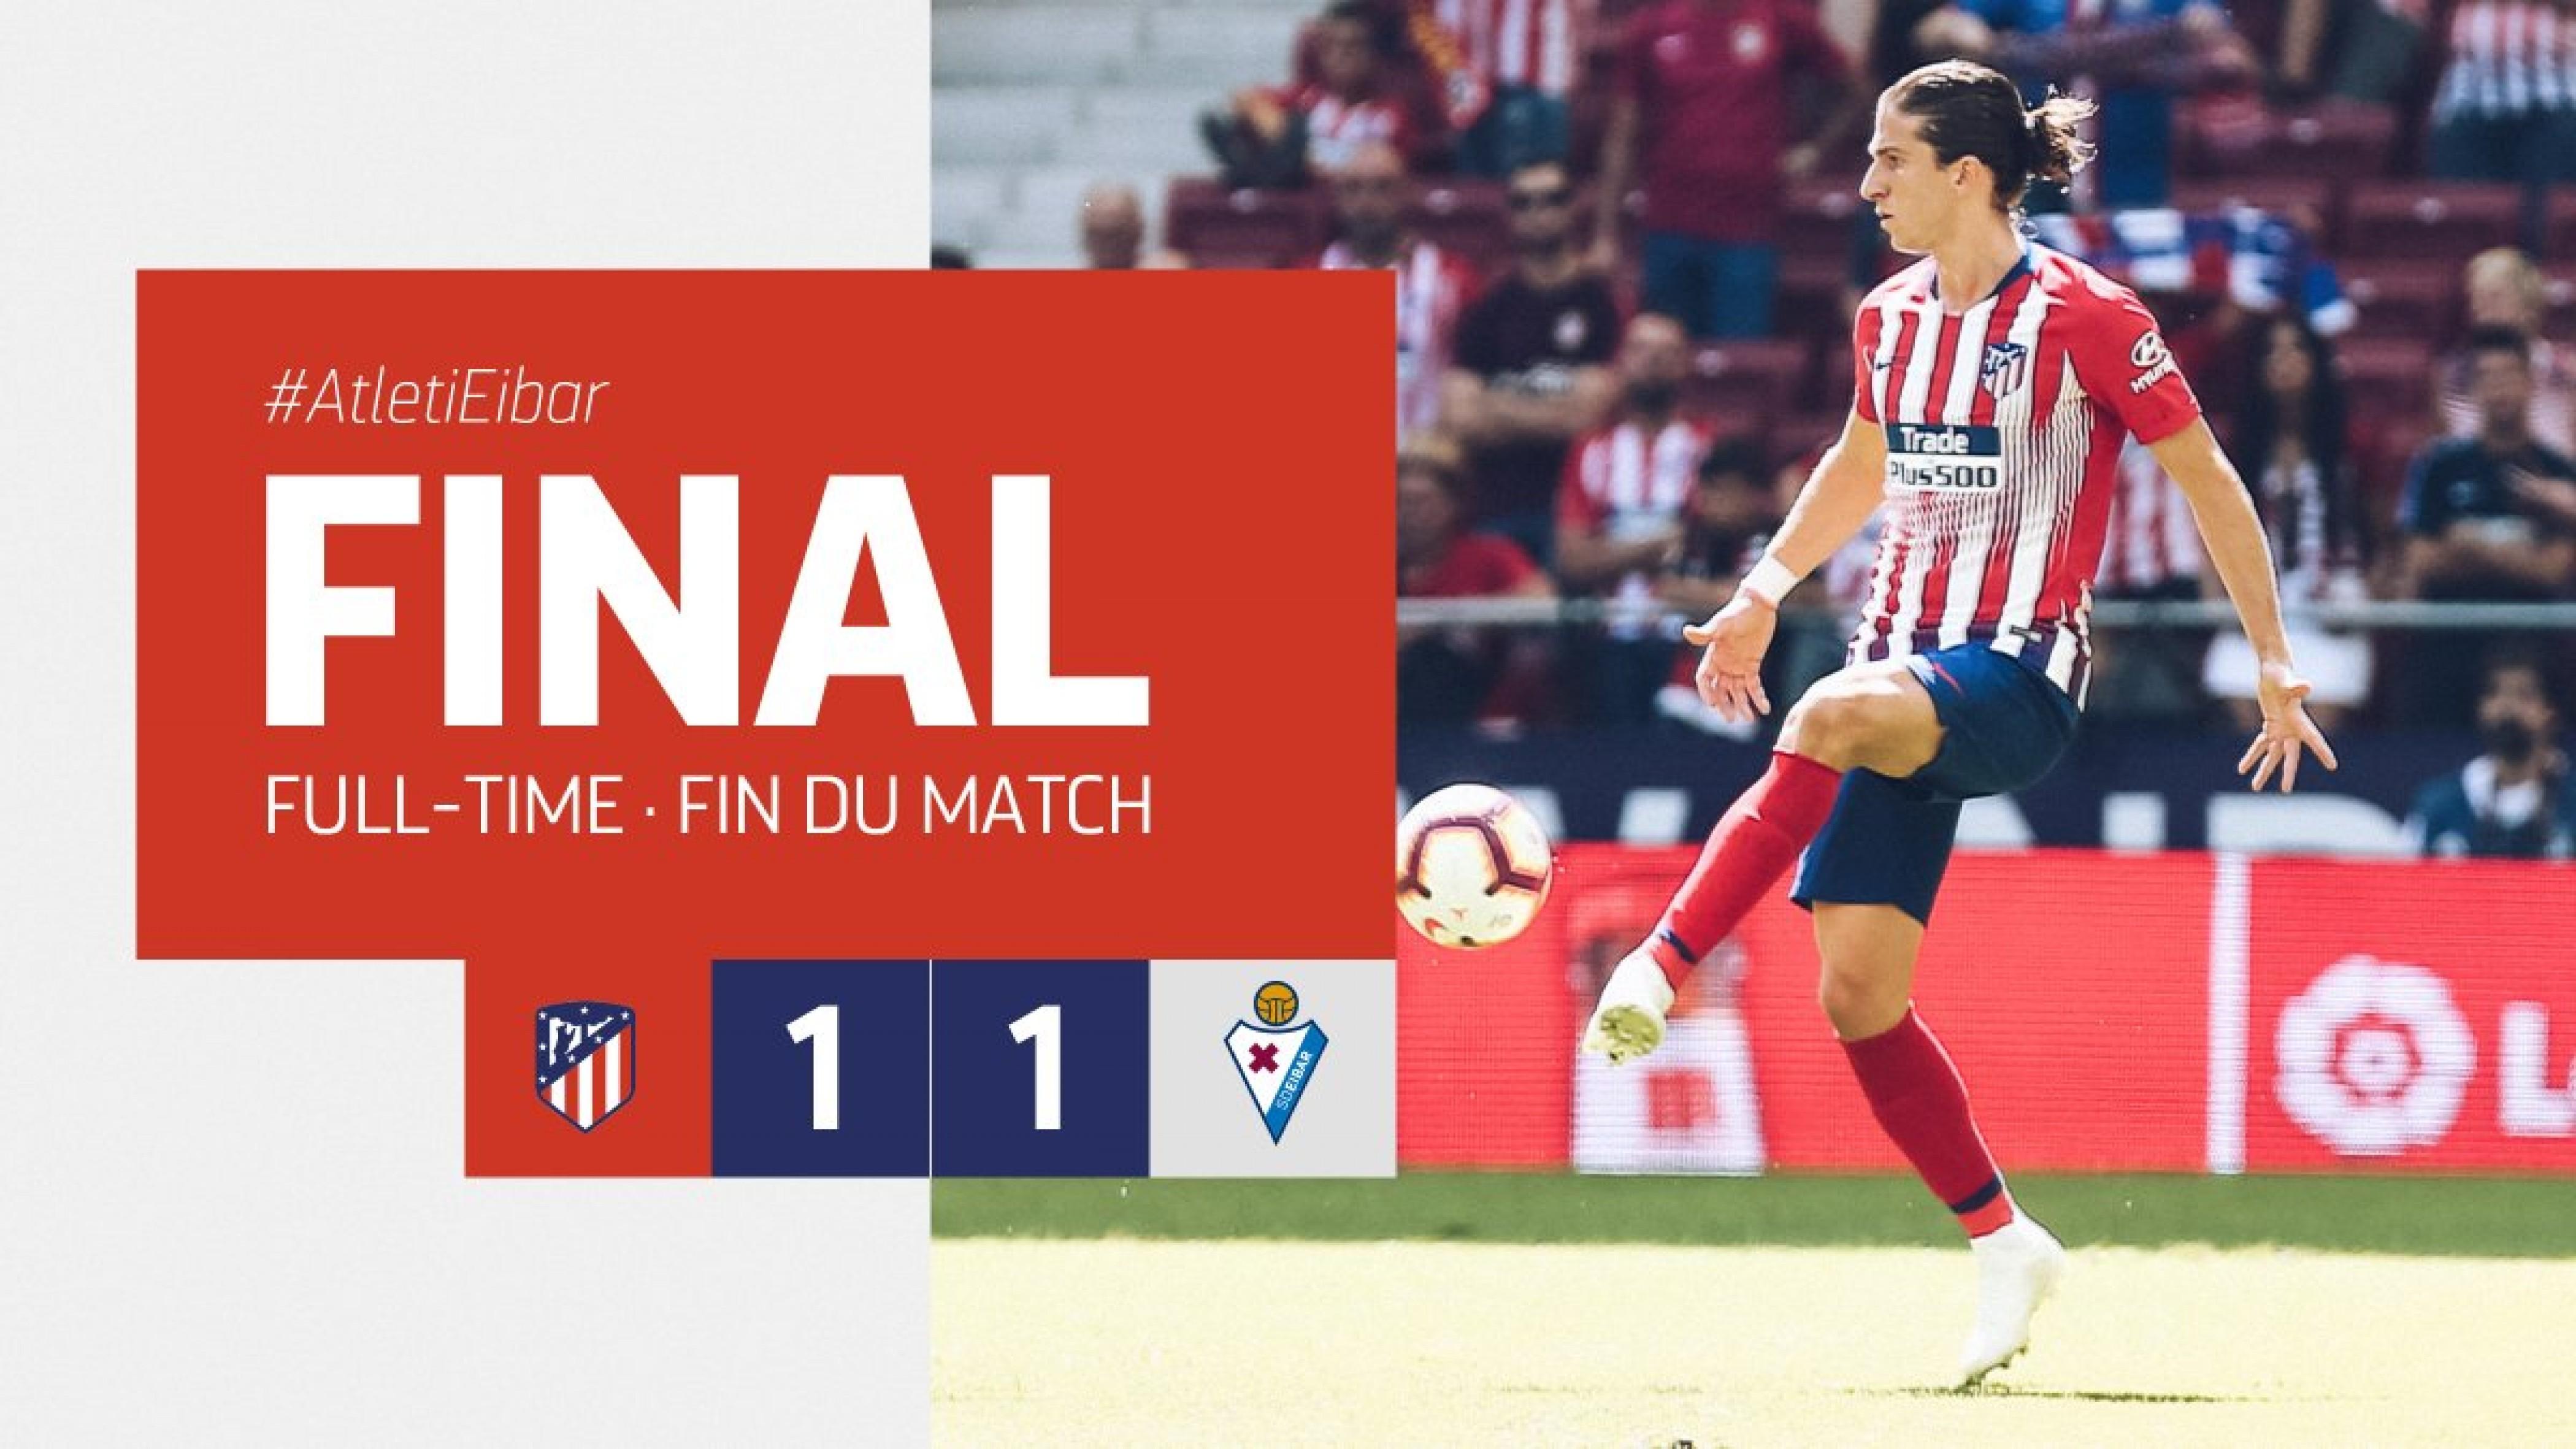 """Liga- L'Atletico si salva al 93' grazie al """"canterano"""" Moreno: contro l'Eibar finisce 1-1"""